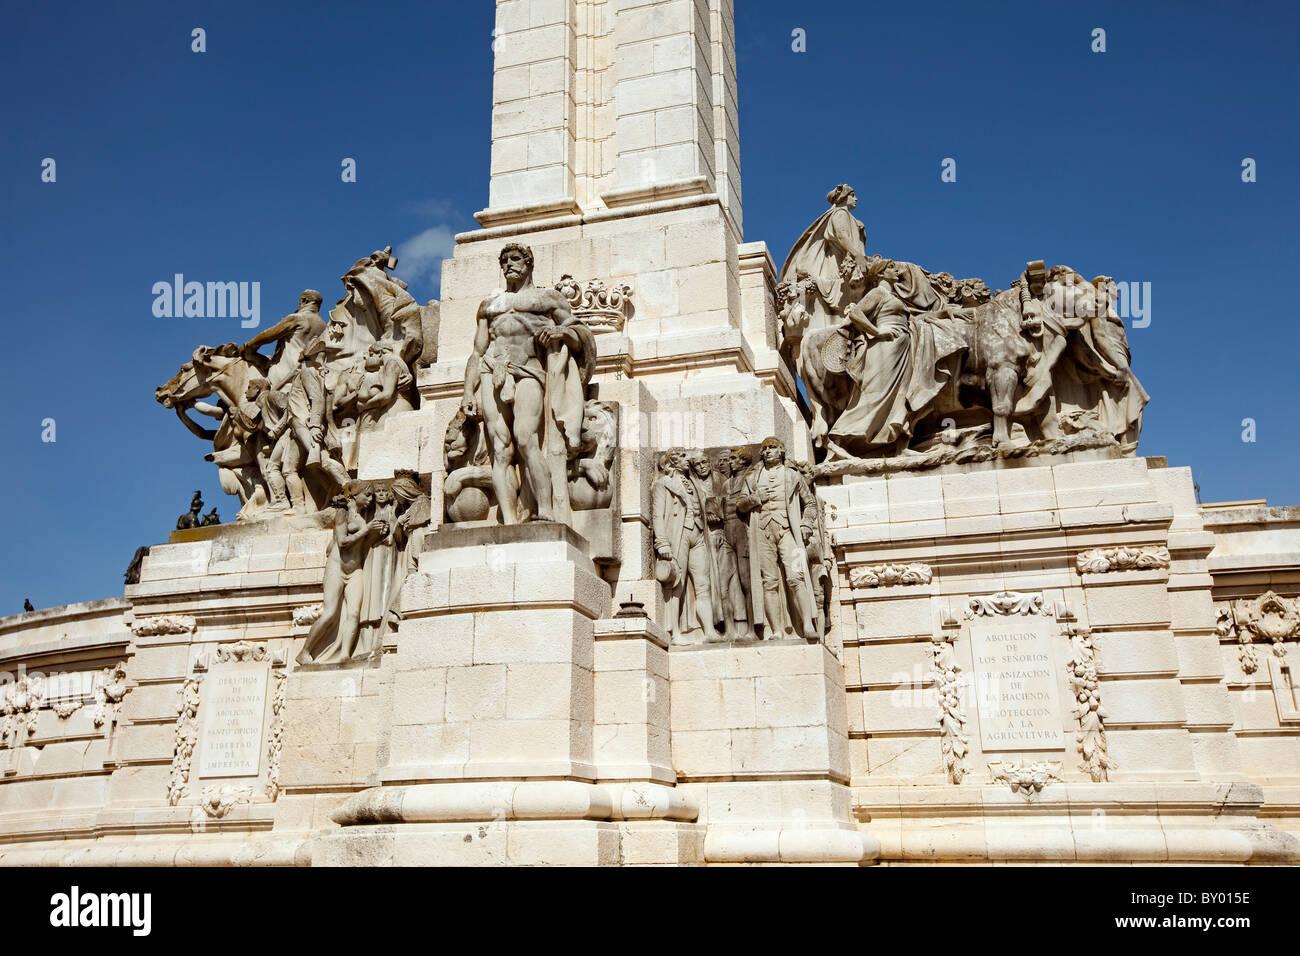 Monumento a la Constitución de 1812 Cádiz Andalucía España Monument to the Constitution of 1812 - Stock Image